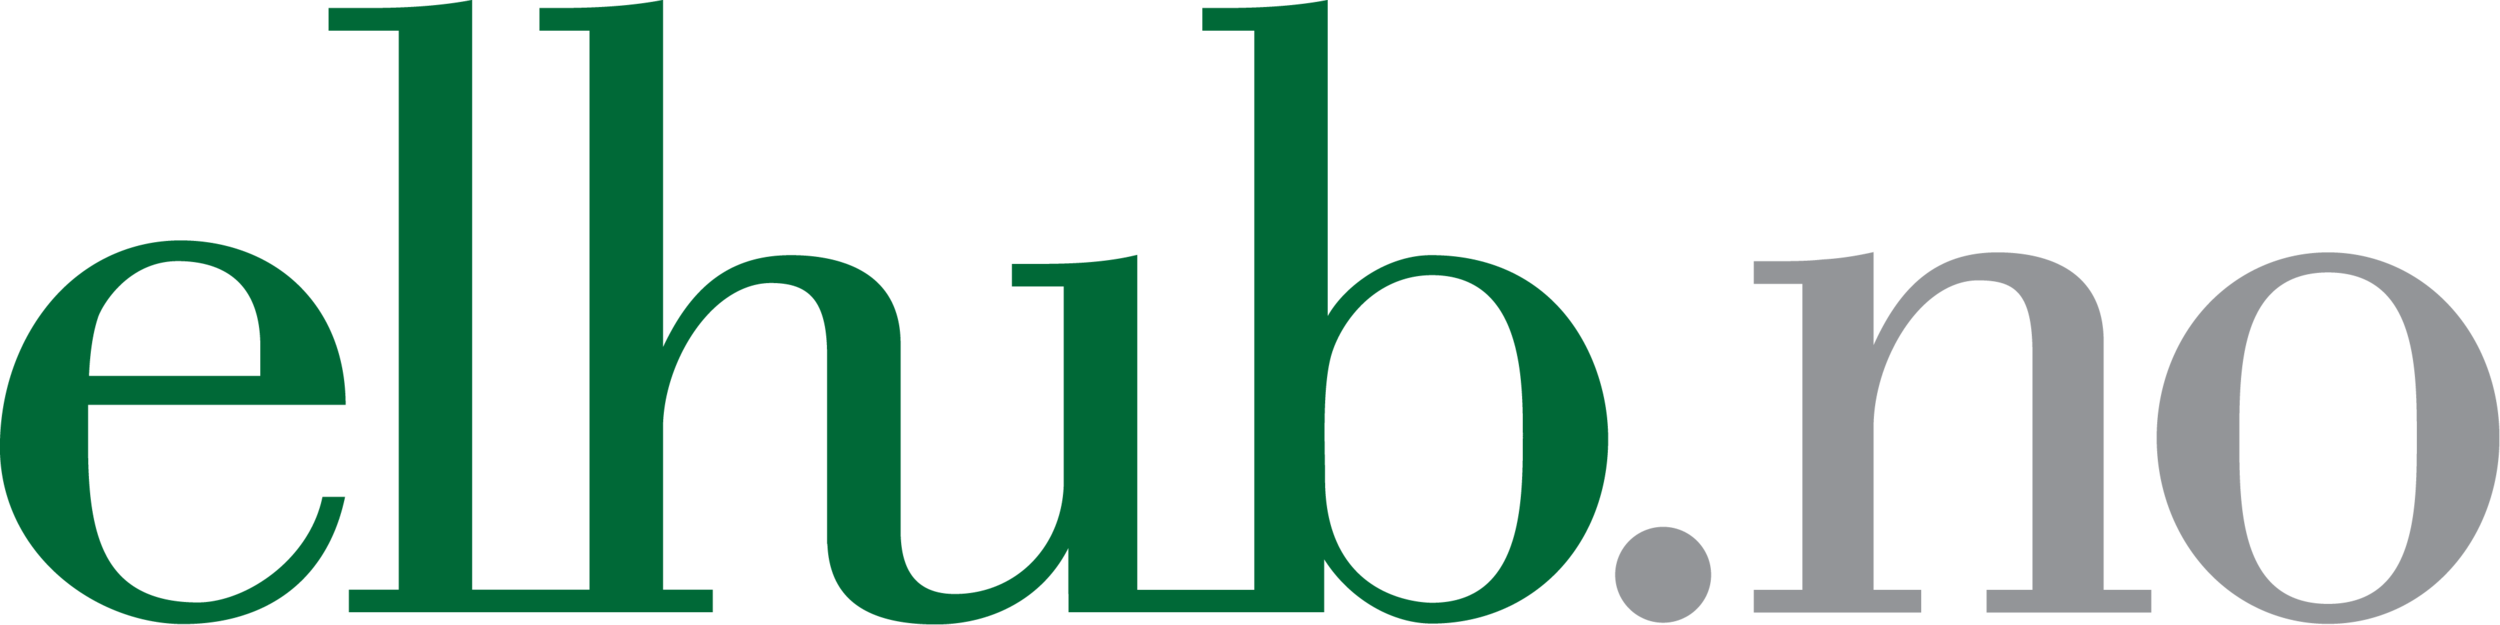 elhub-no-logo-original.png